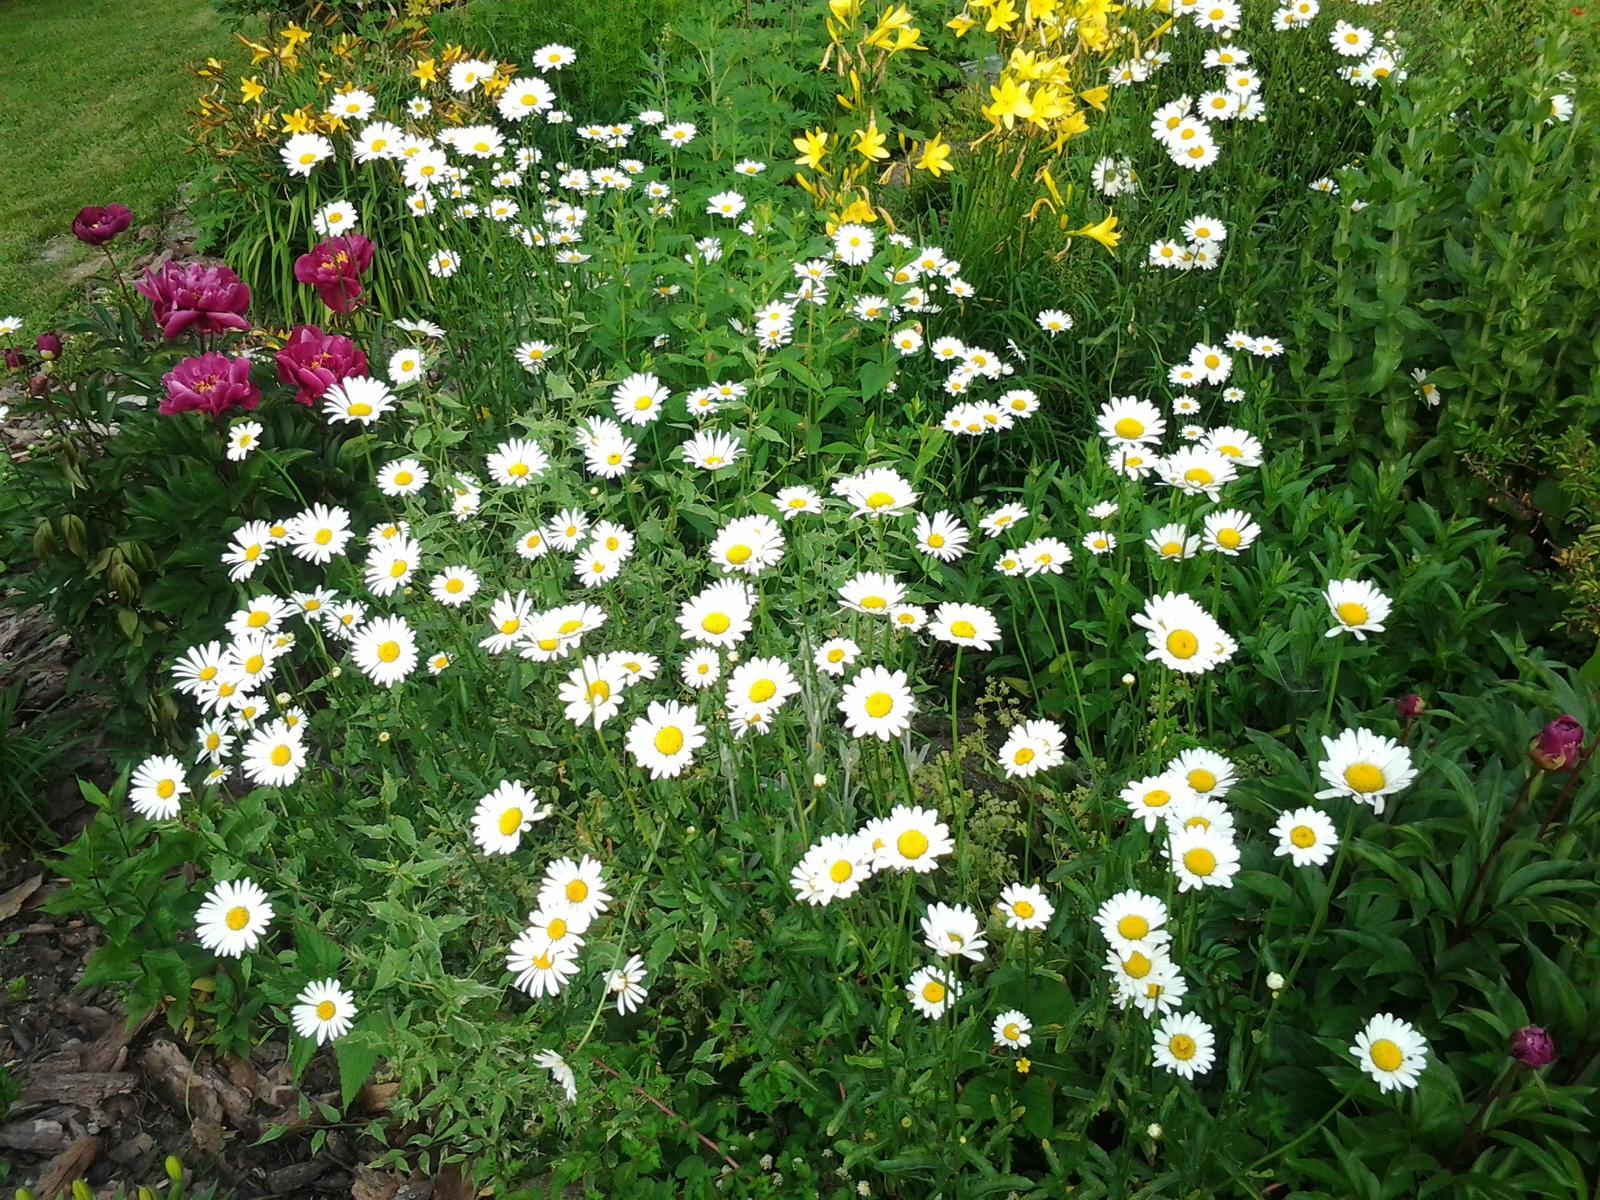 Jihočeská venkovská zahrada. - Skromné kopretiny nepotřebují péči,samy se derou k životu.